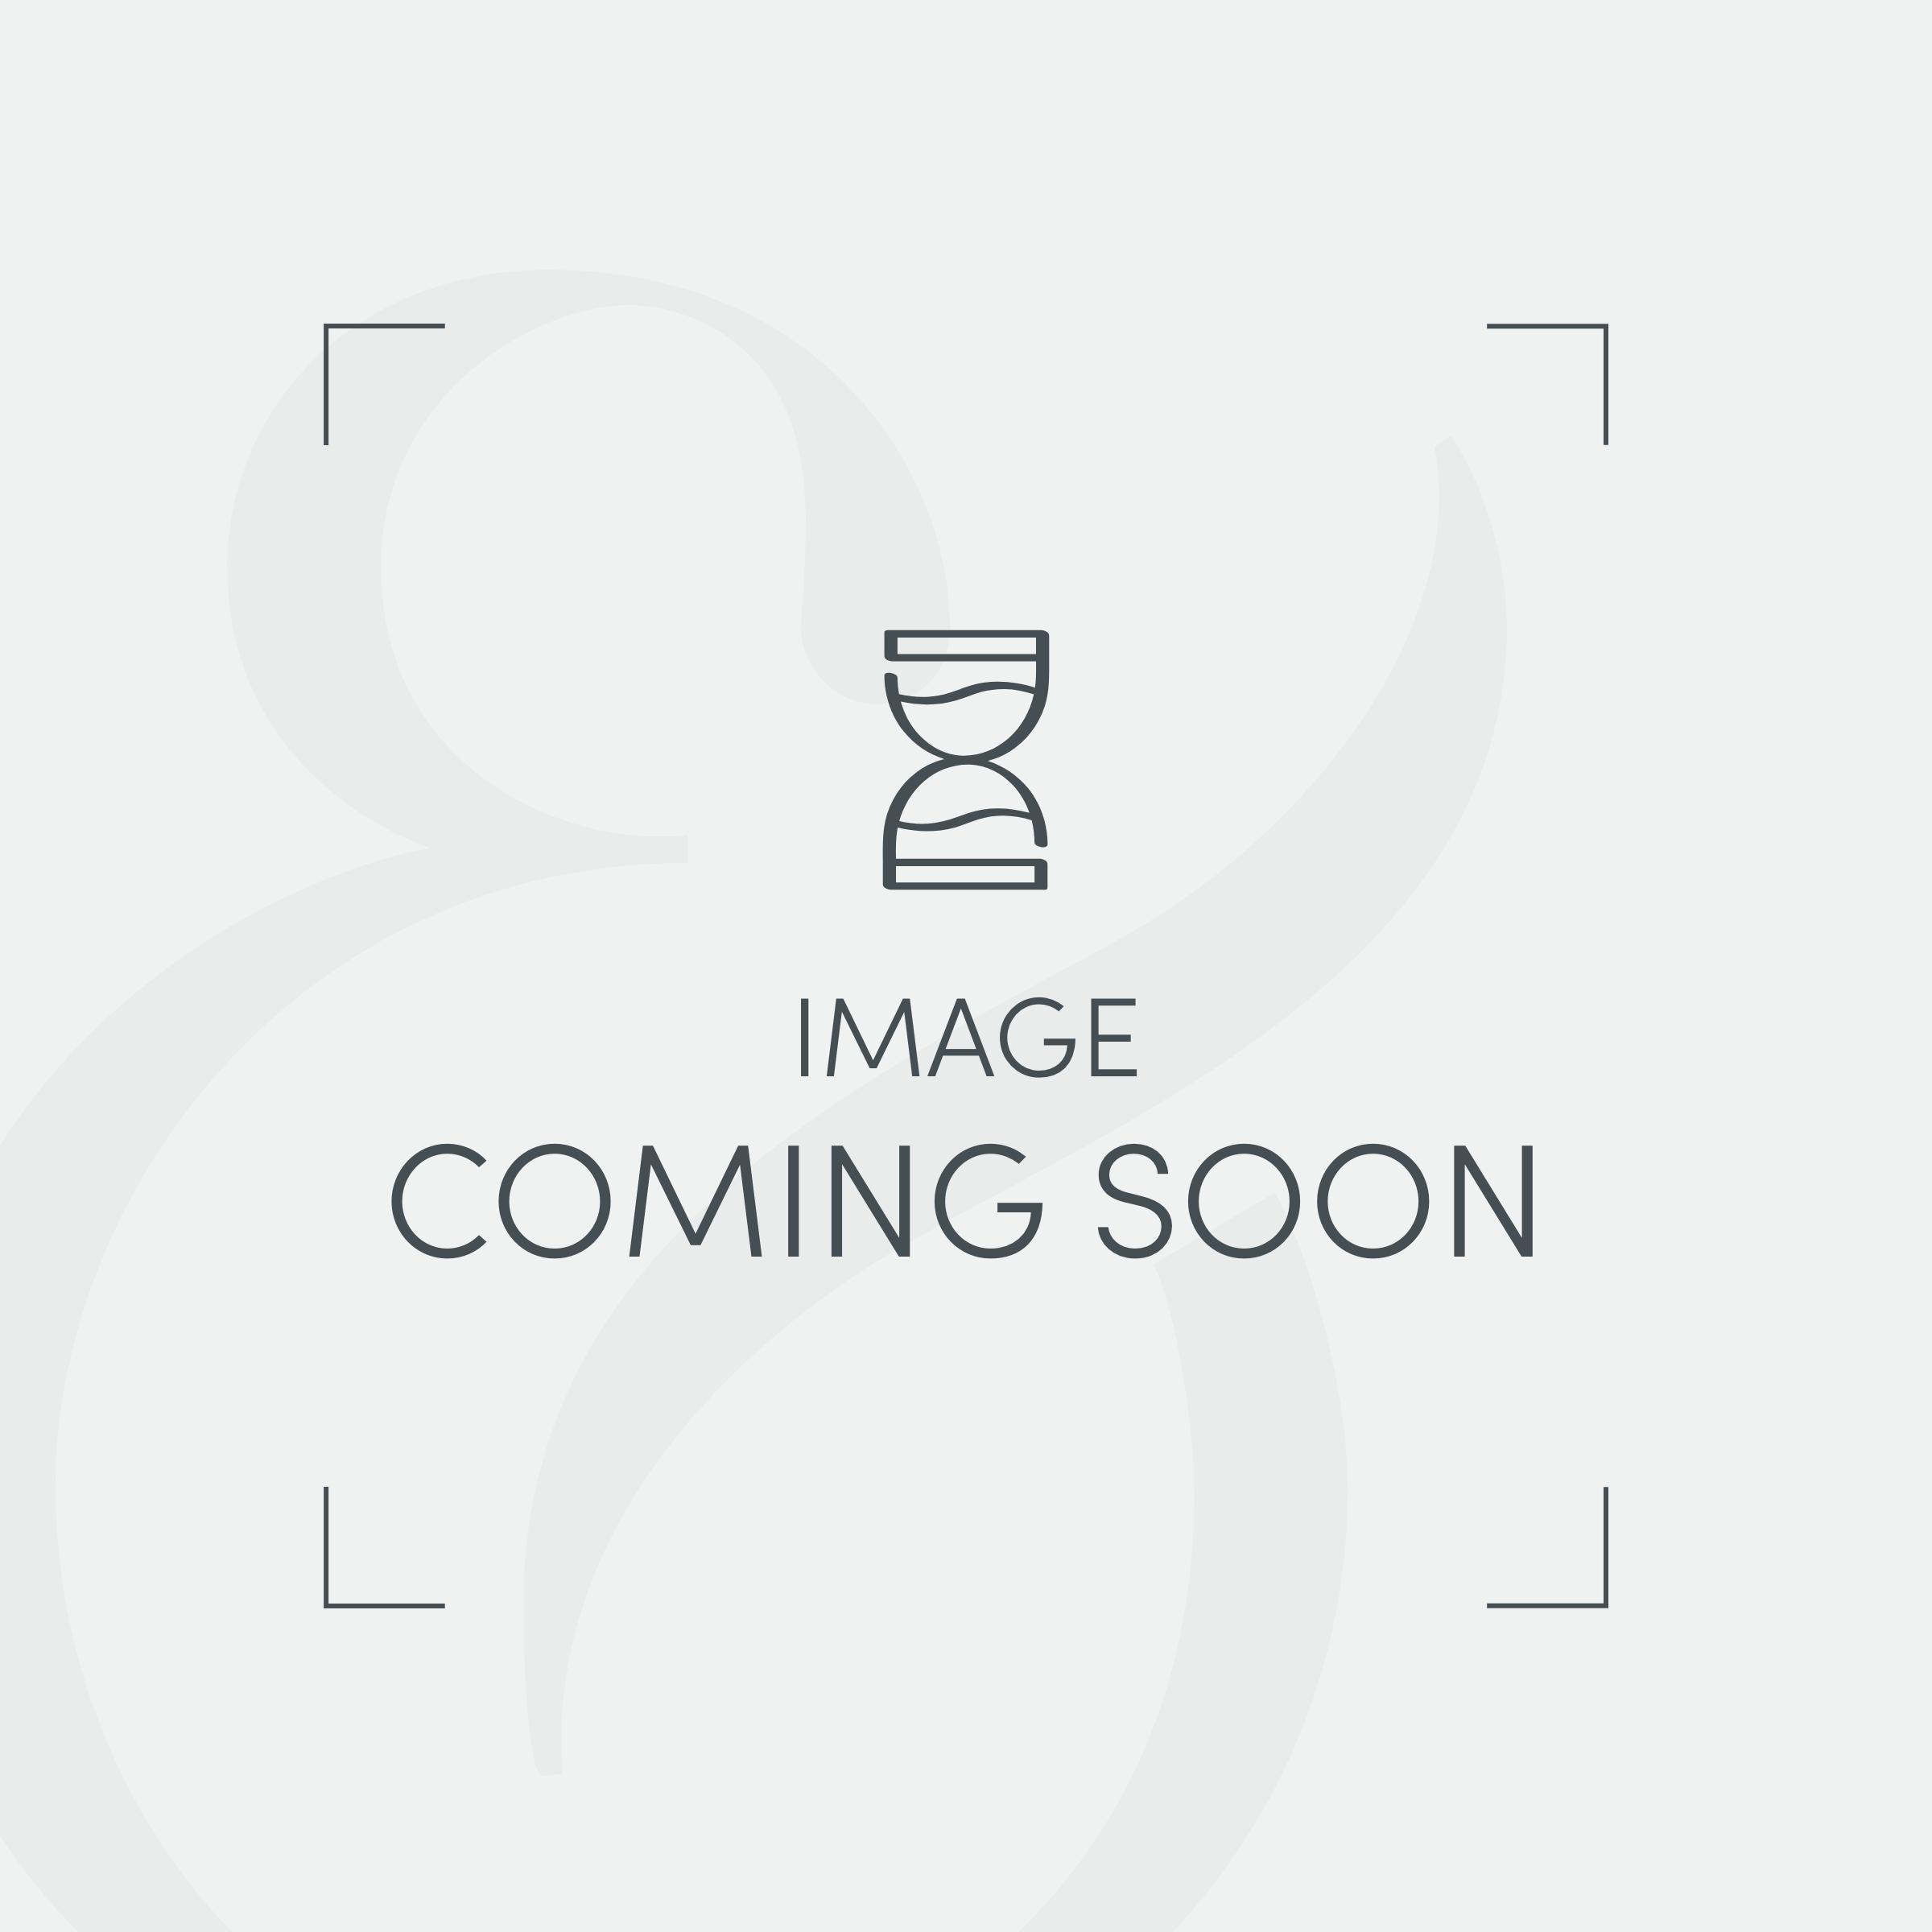 Upholstered Divan Bases